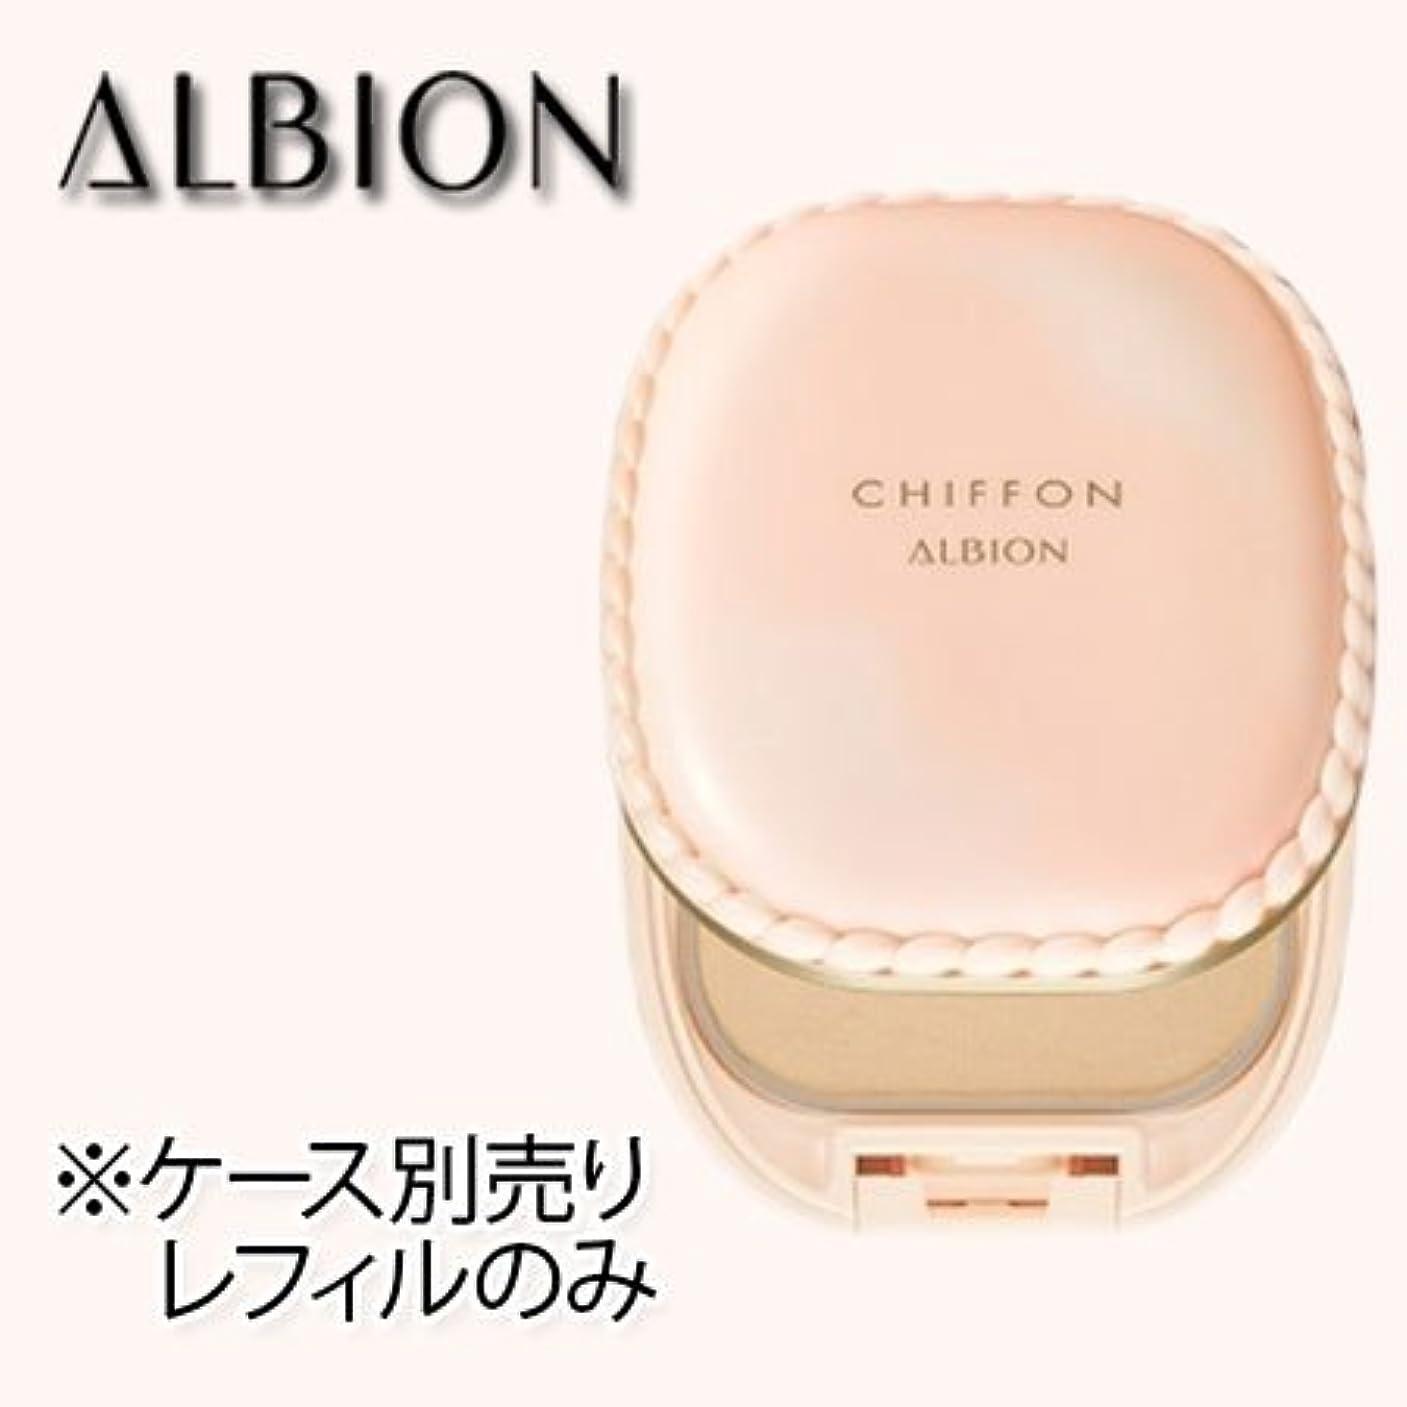 極端な視力旅客アルビオン スウィート モイスチュア シフォン (レフィル) 10g 6色 SPF22 PA++-ALBION- 040